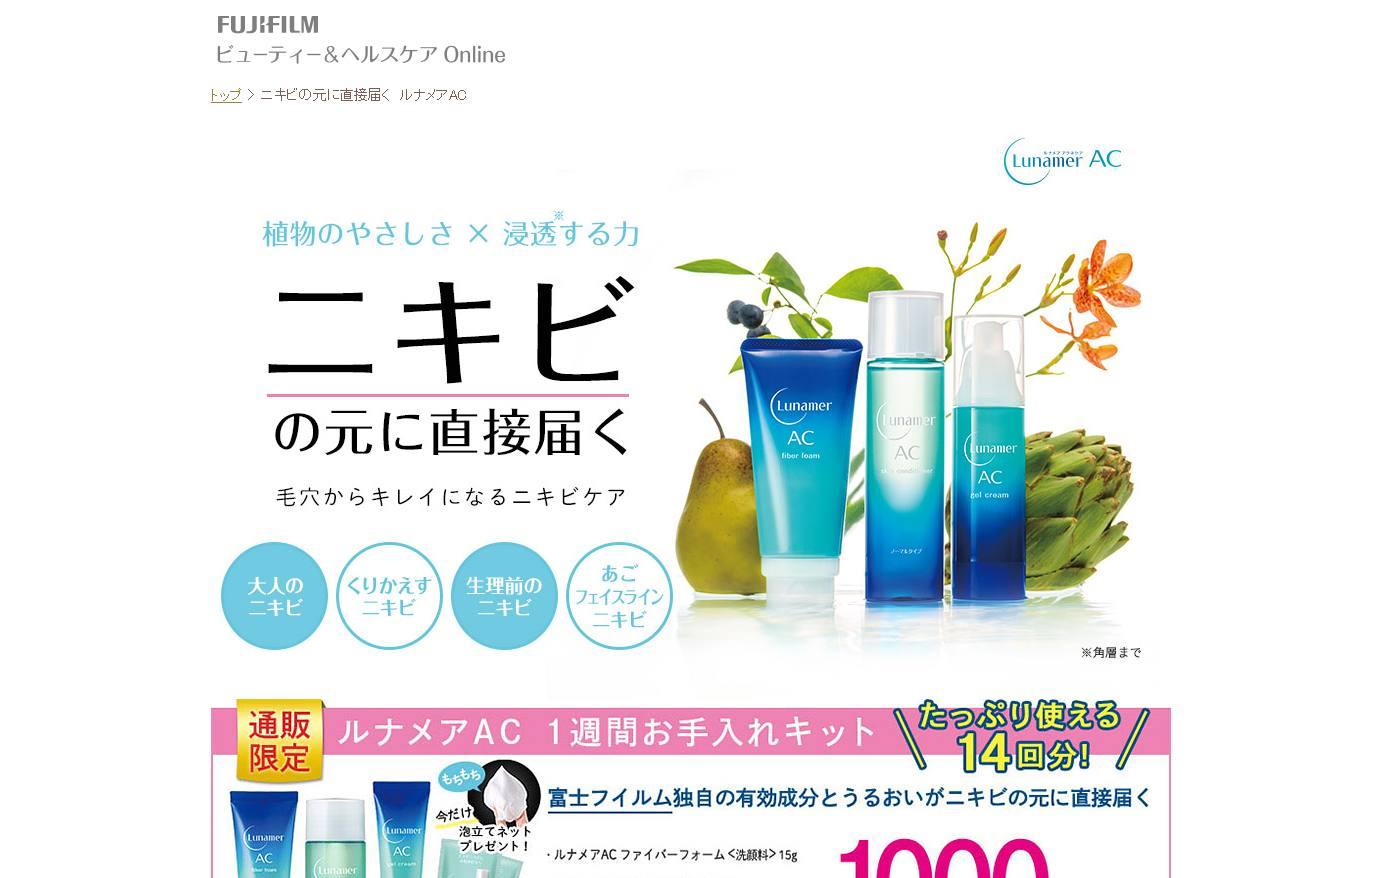 ニキビの元に直接届く。大人用ニキビ用化粧品「ルナメアAC」  富士フイルム ビューティー&ヘルスケア Online ~化粧品とサプリの通信販売~